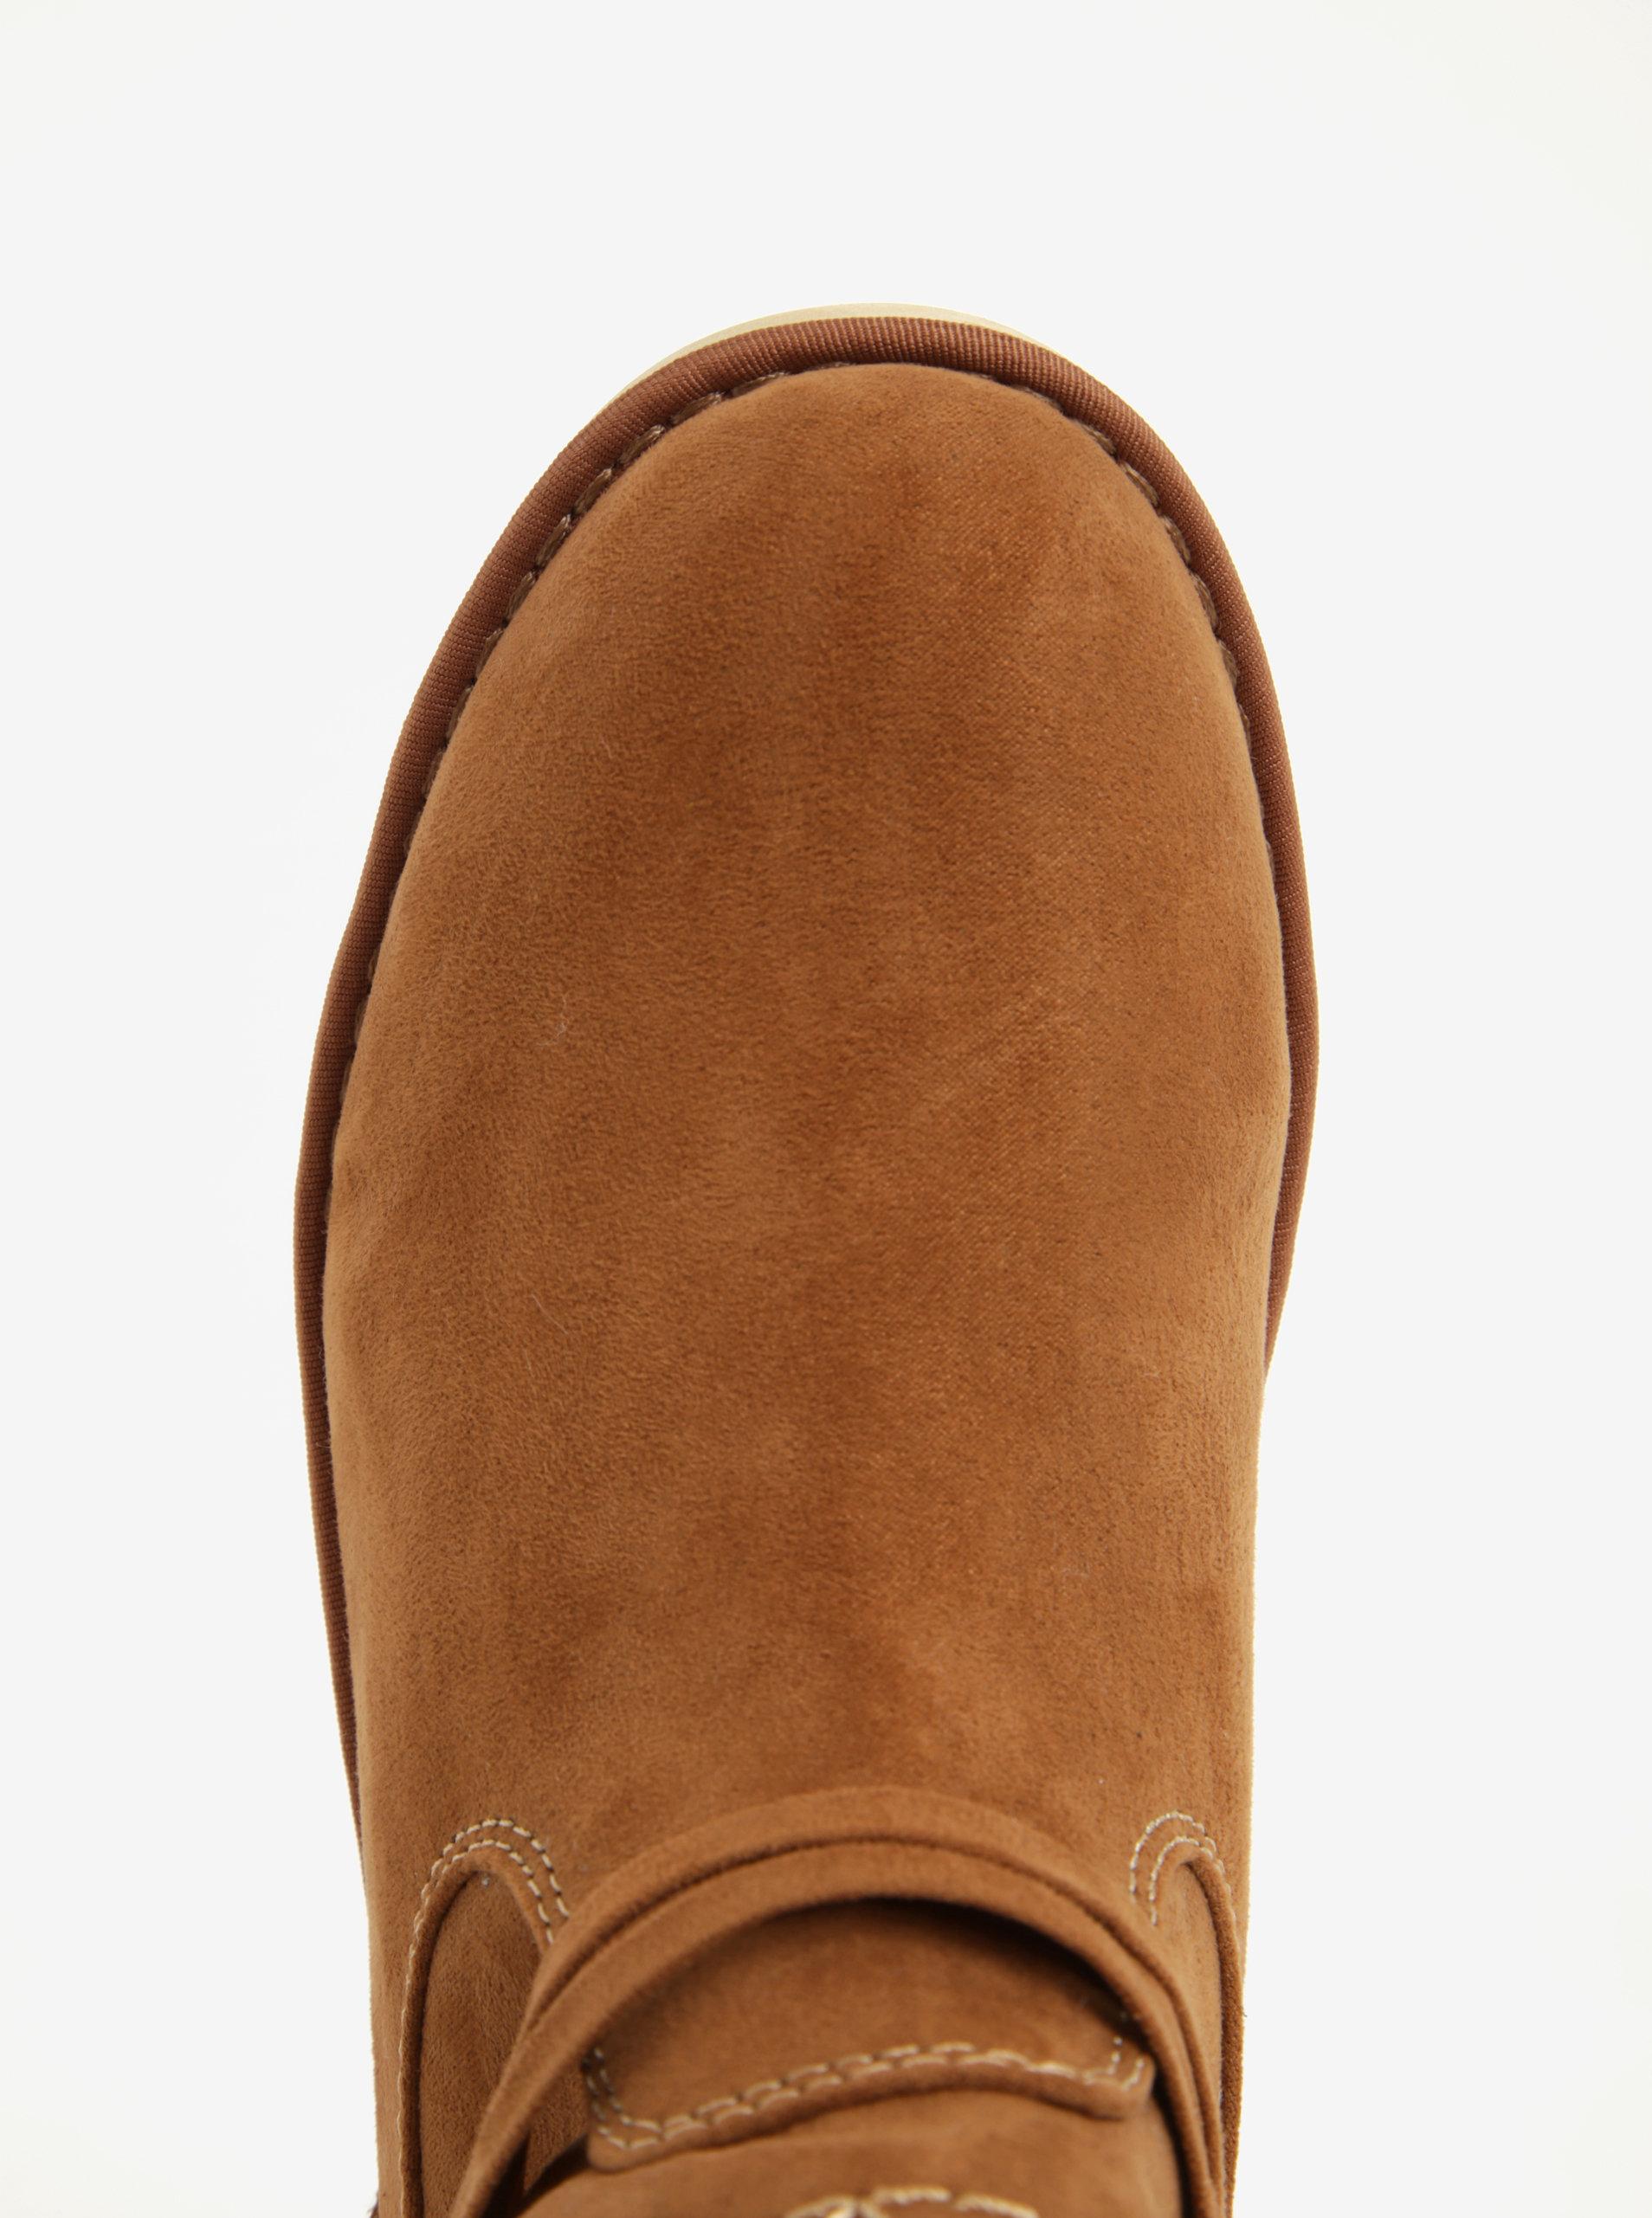 b3b821ff4d92c Hnedé dámske zimné členkové topánky v semišovej úprave na platforme ...